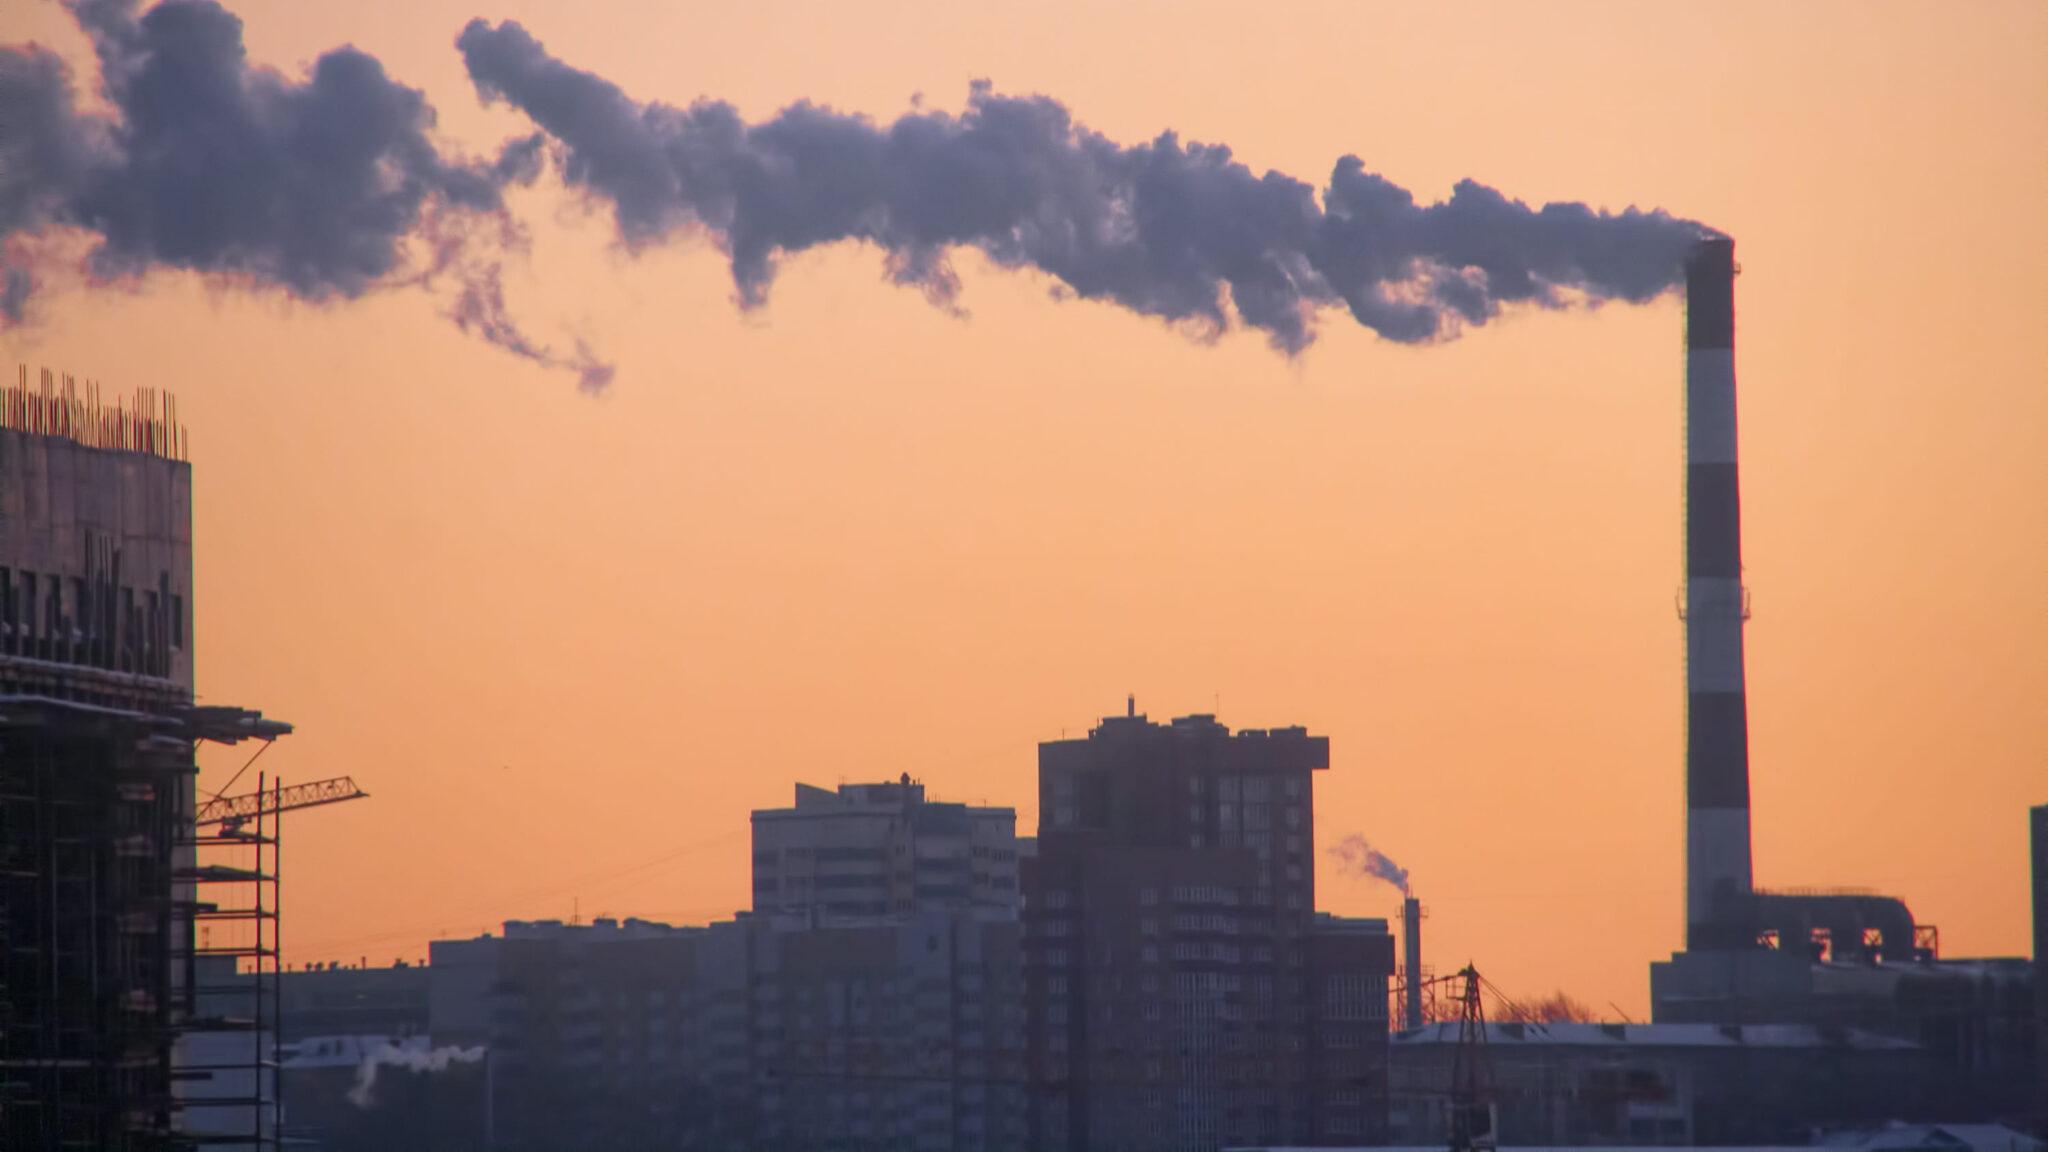 Industrieschornstein mit Rauchschwade vor orangenem Himmel